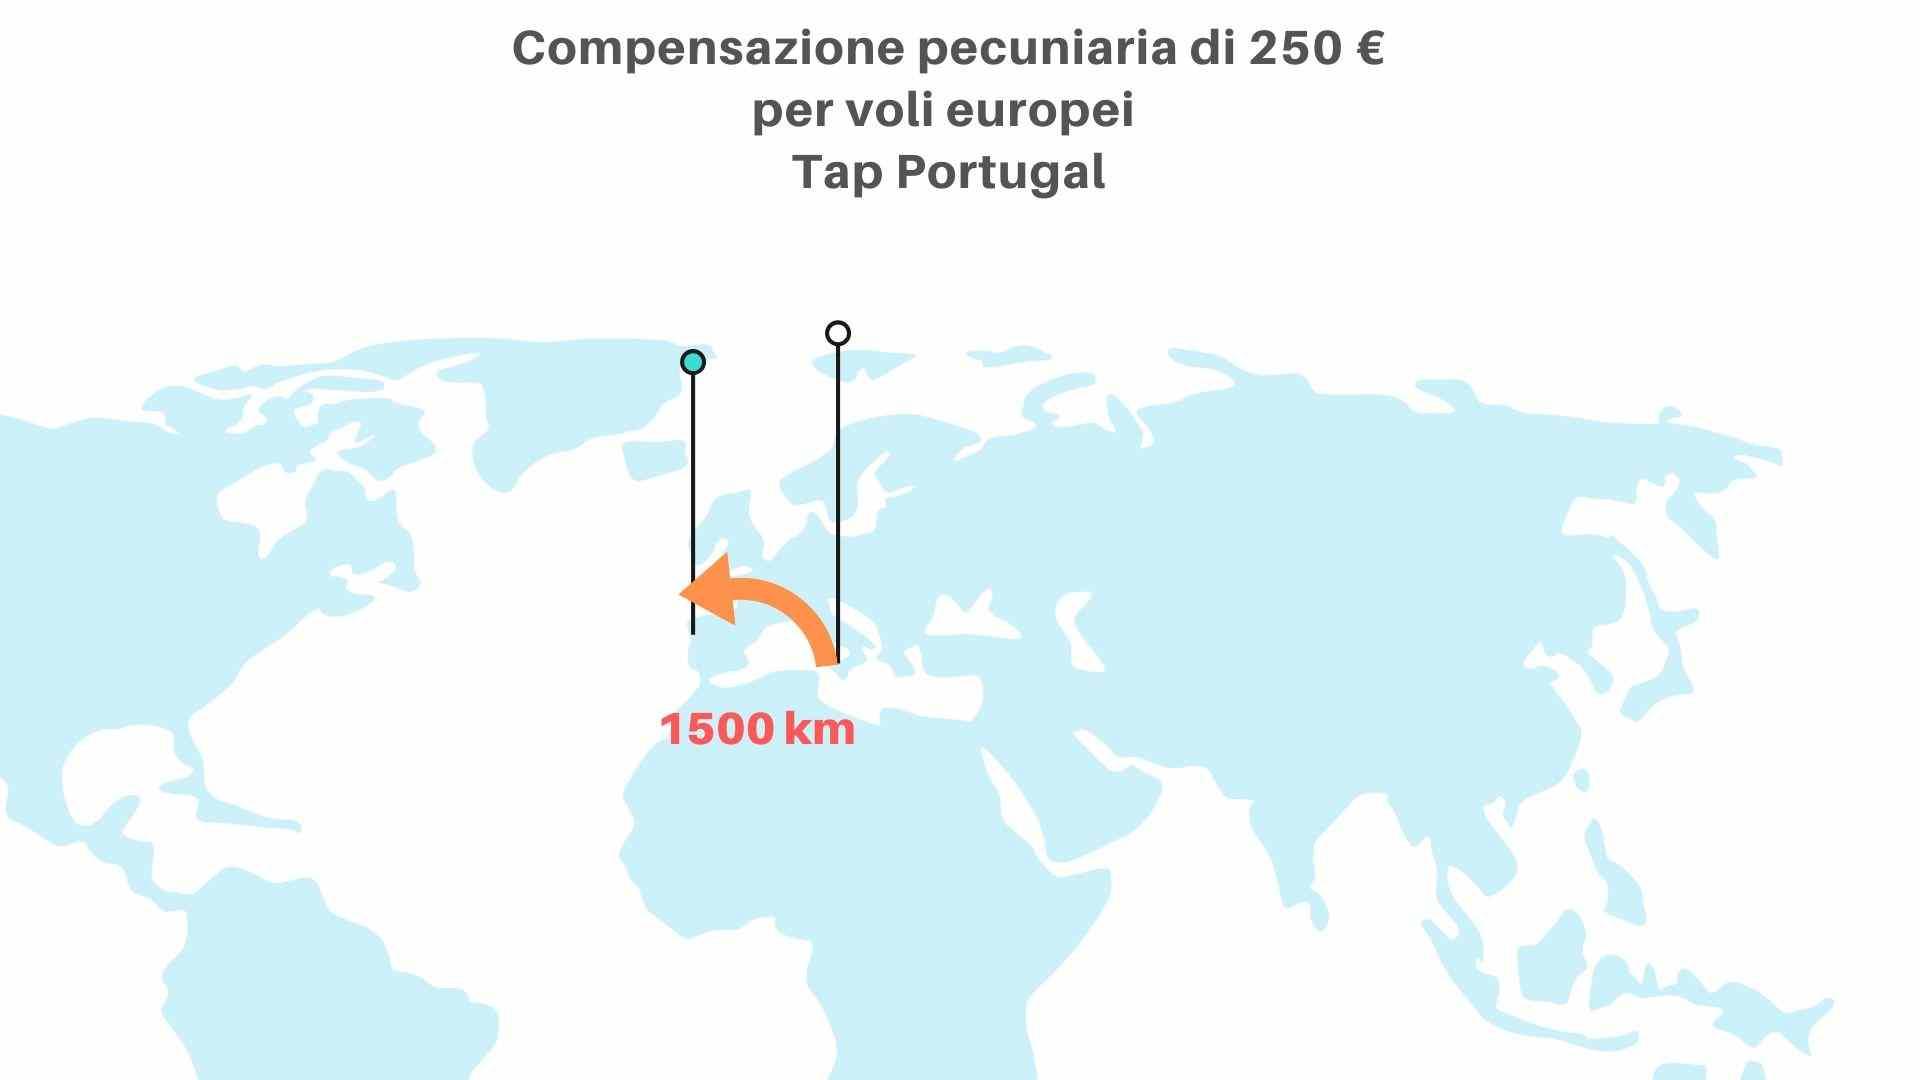 Ritardo volo Tap Portugal - tratta inferiore a 1500 km